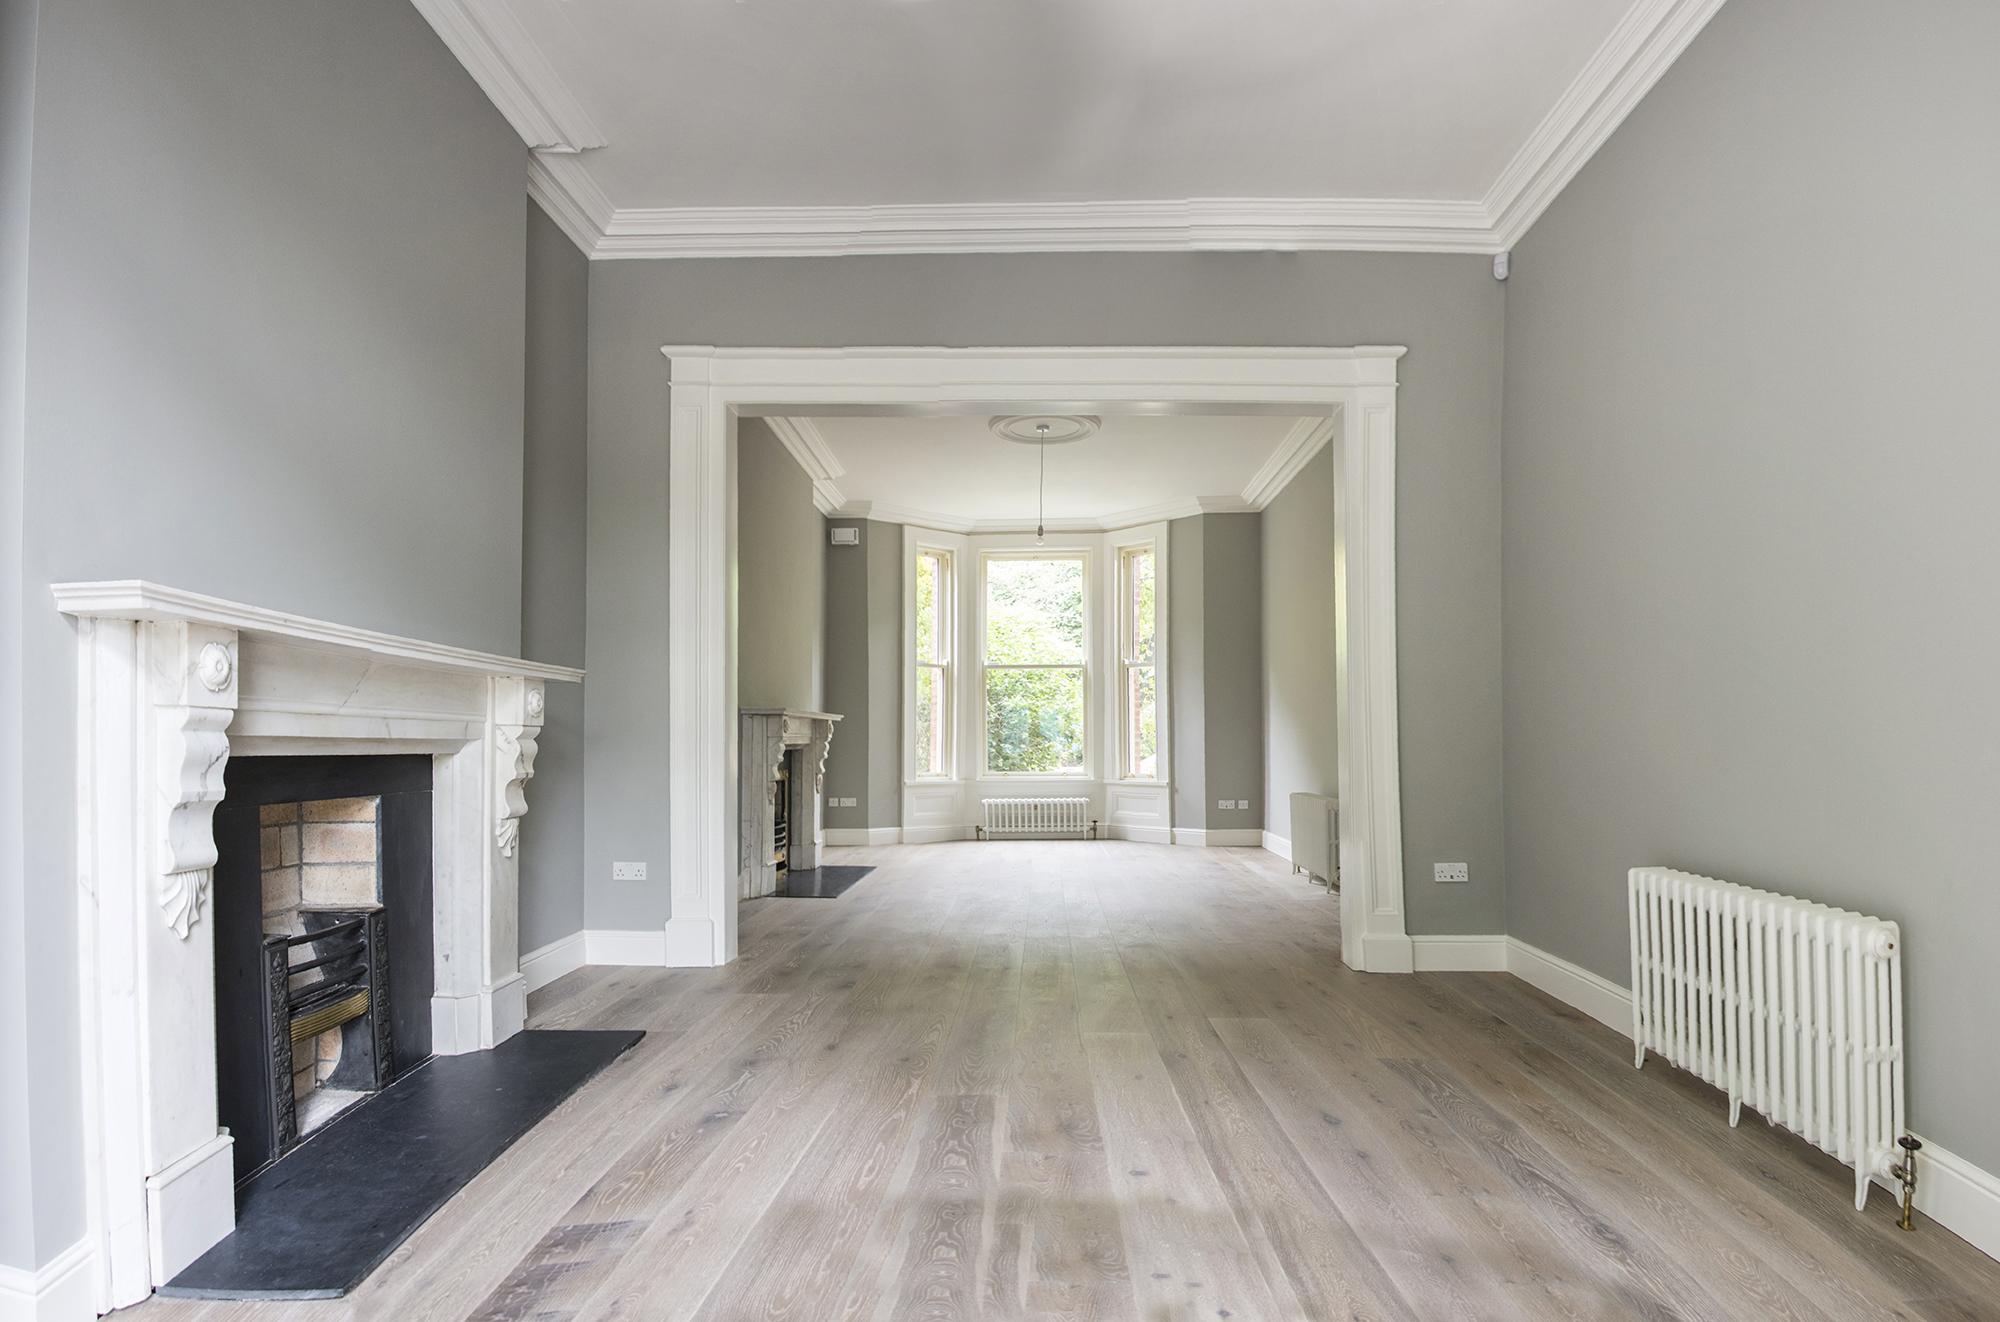 Dartry Living Room Pano 2.jpg